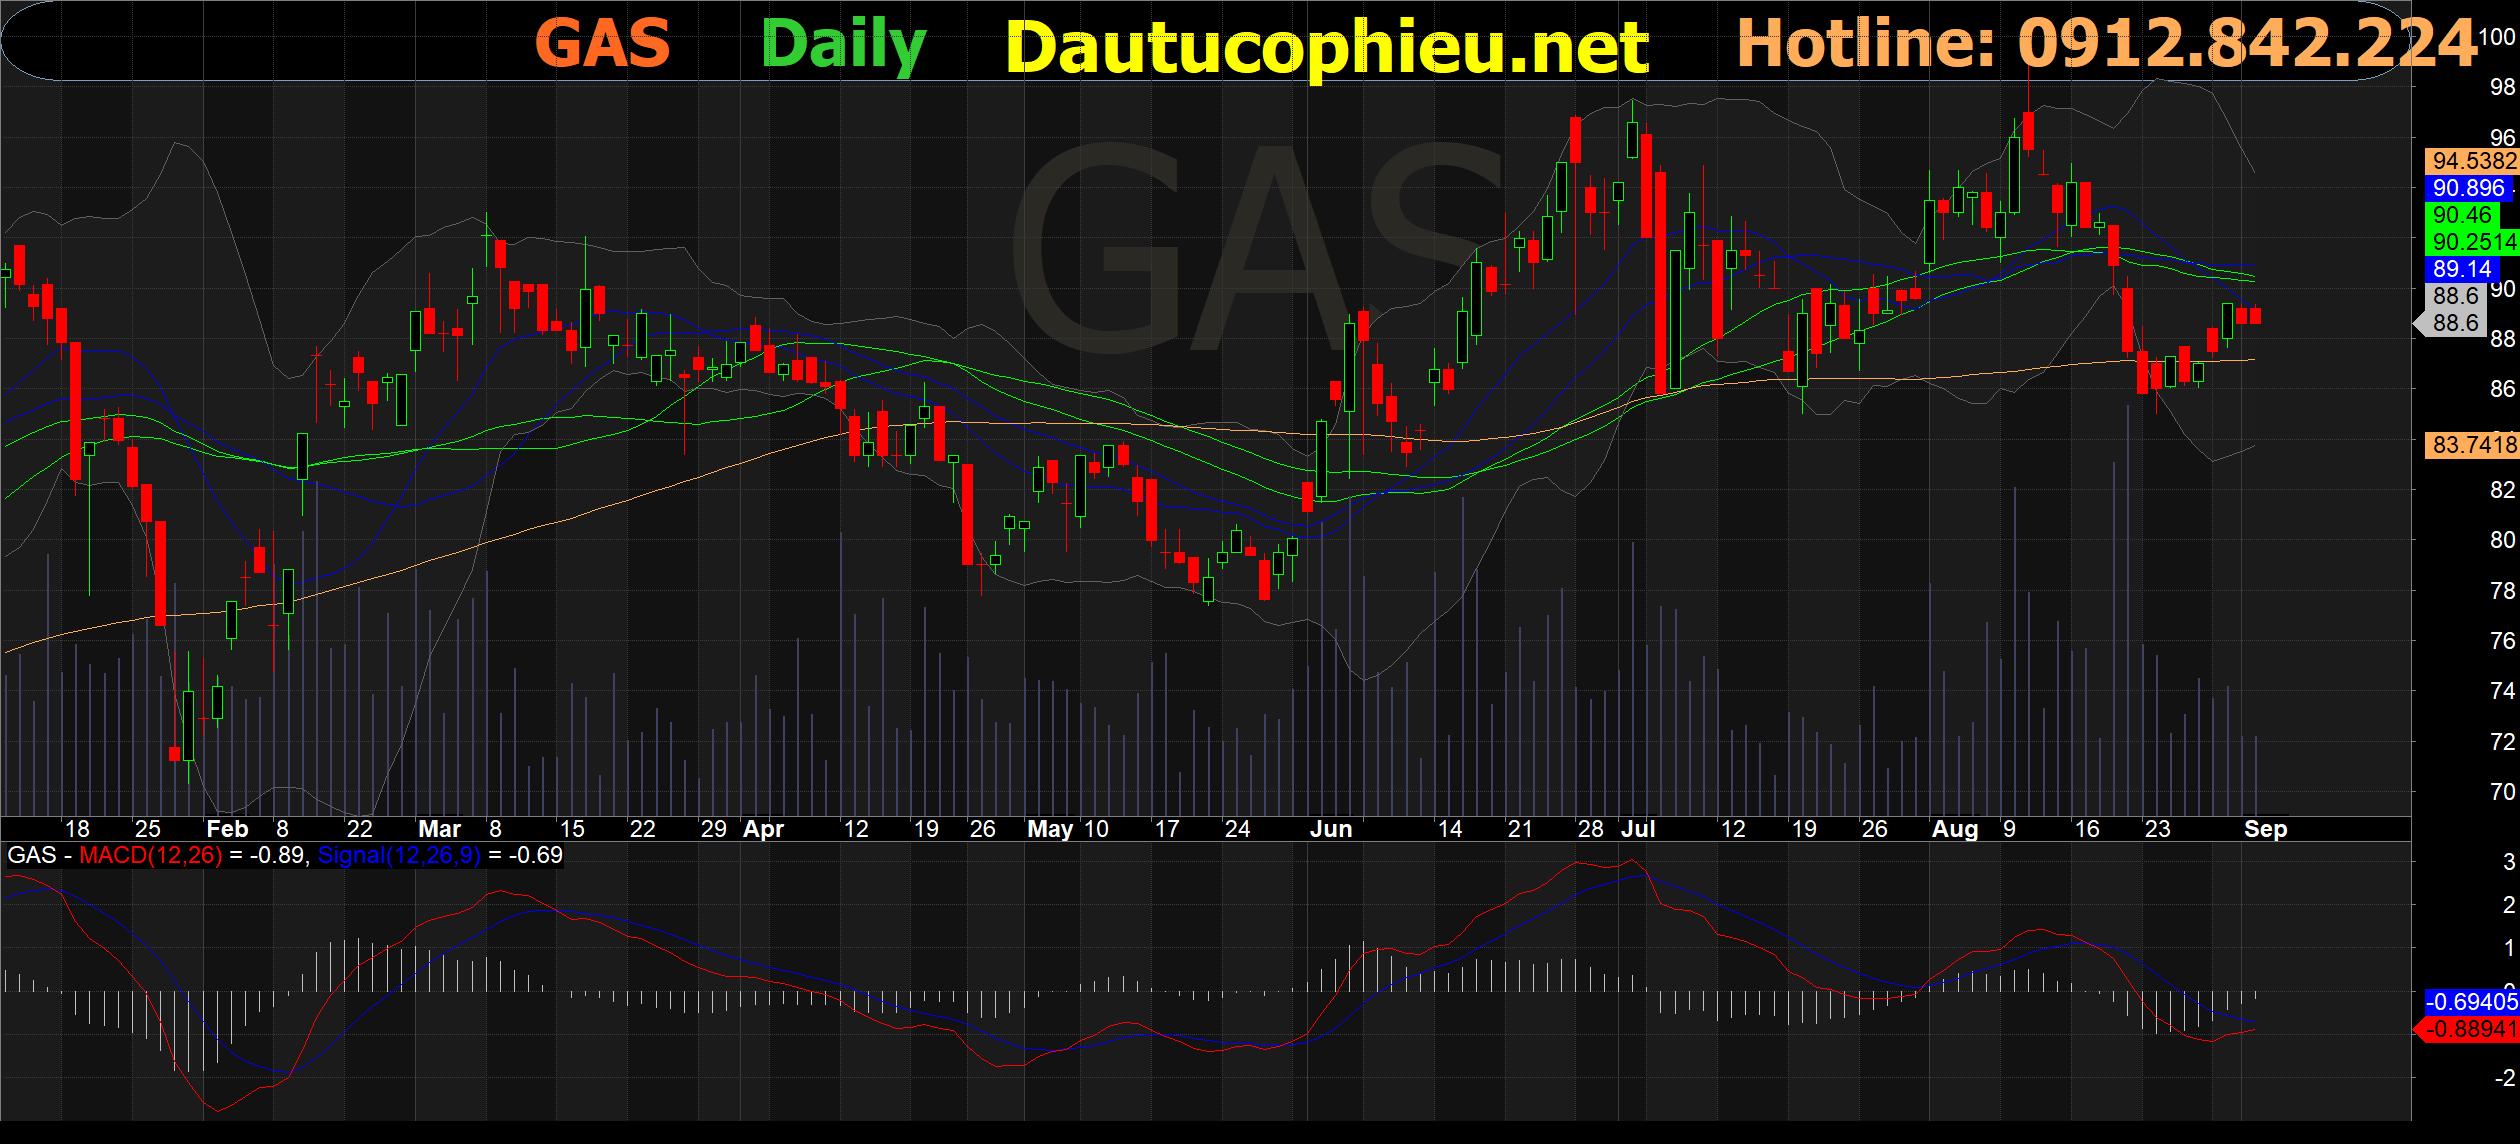 Cập nhật cổ phiếu GAS – Nỗ lực kiểm soát ảnh hưởng dịch Covid 19